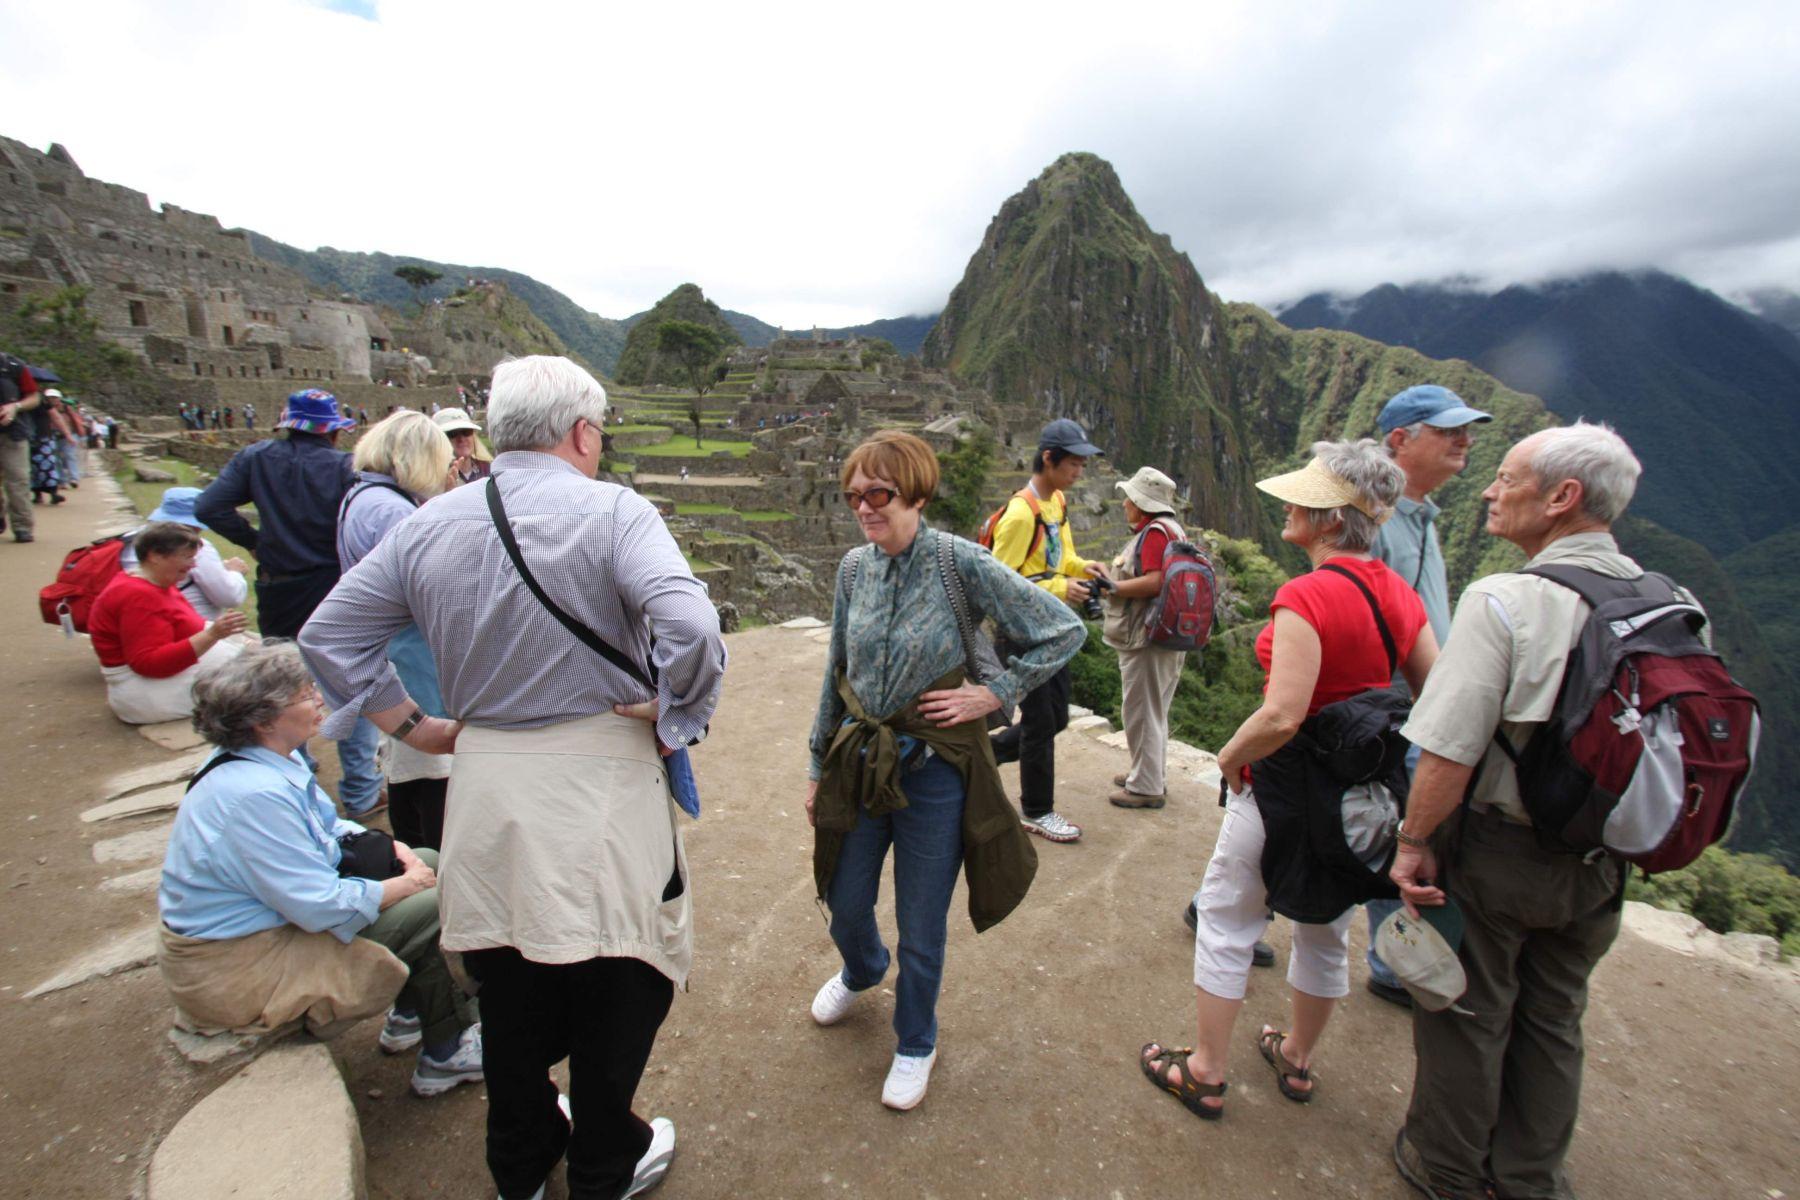 colapso-de-turismo-podria-desencadenar-la-proxima-etapa-de-la-crisis